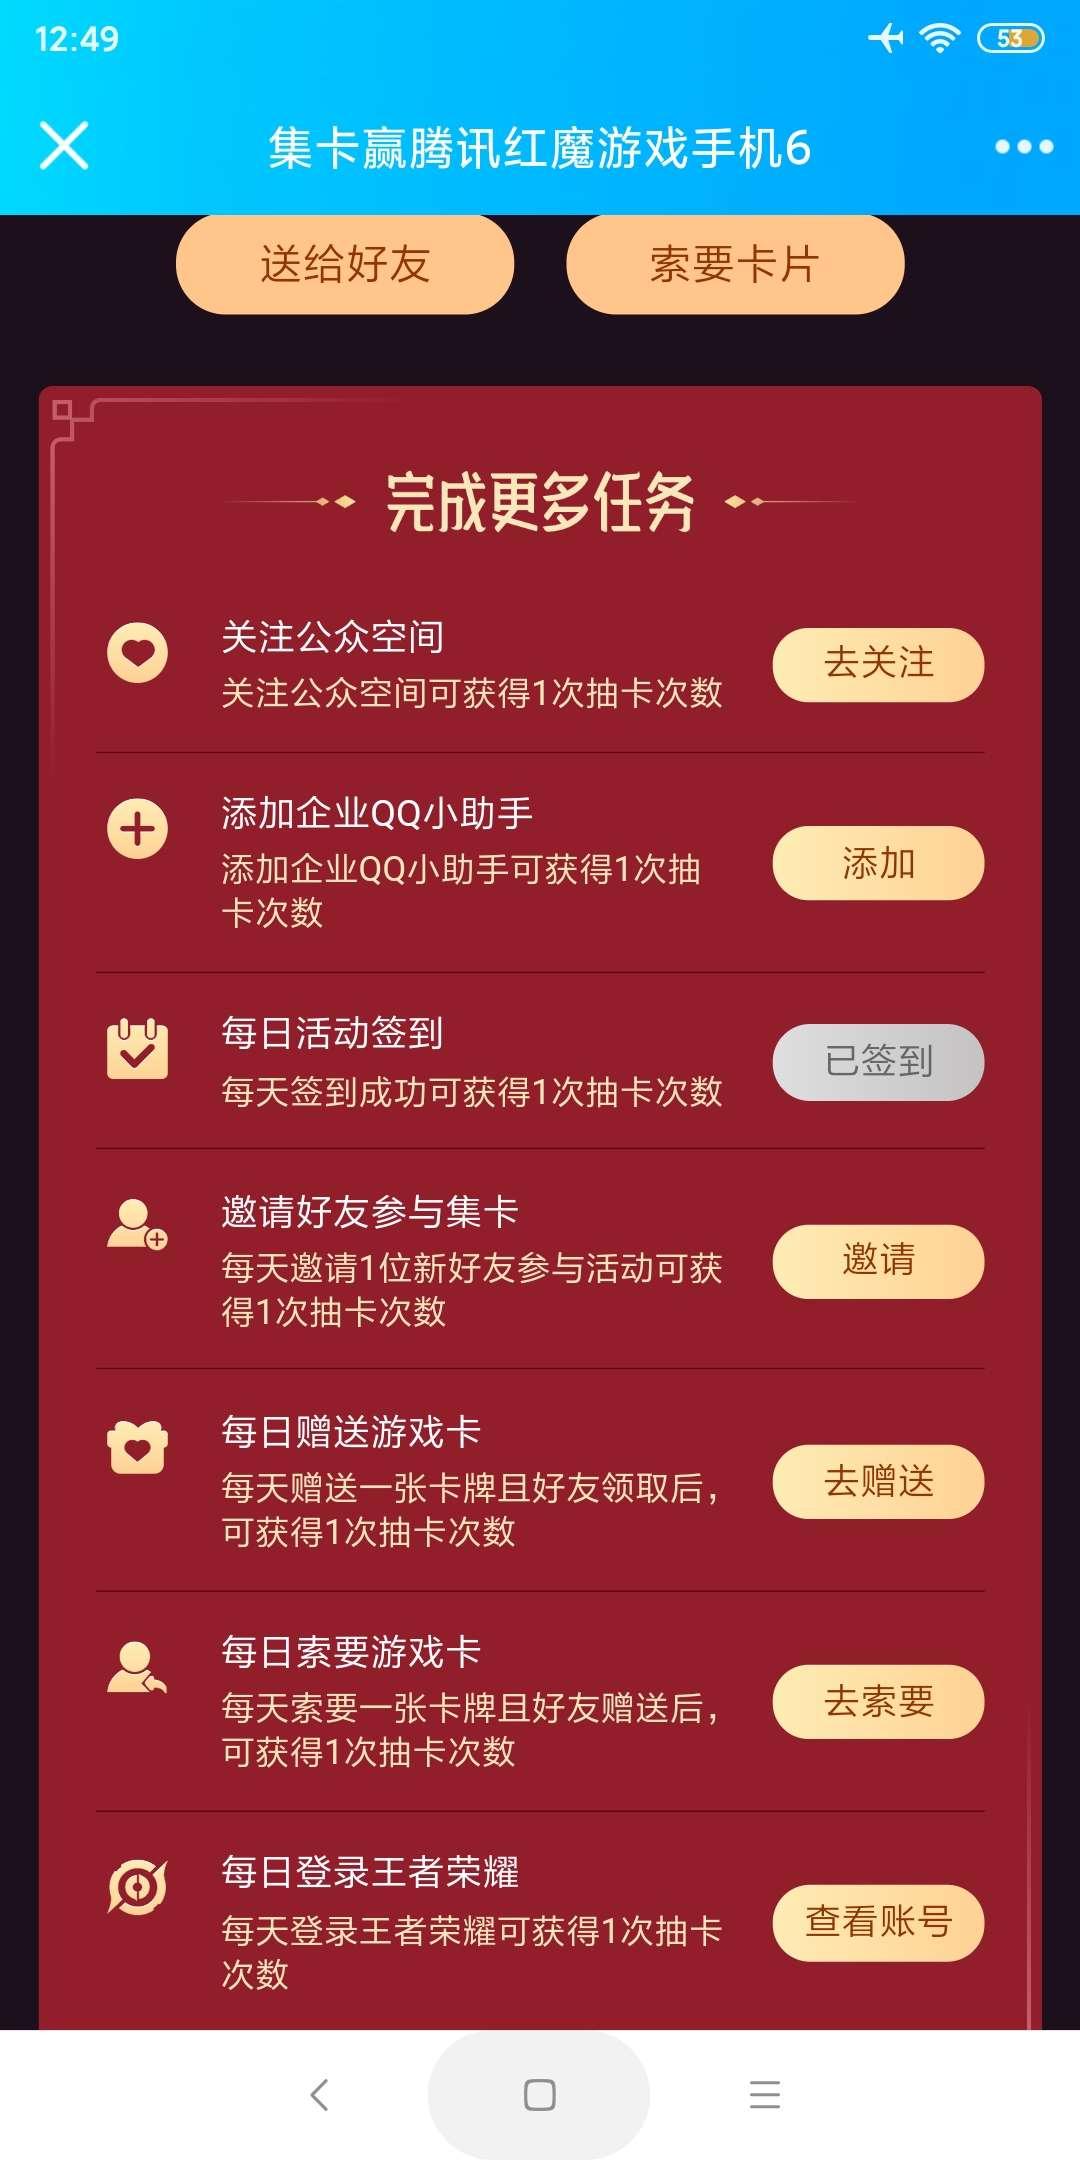 集卡赢腾讯红魔游戏手机6插图1